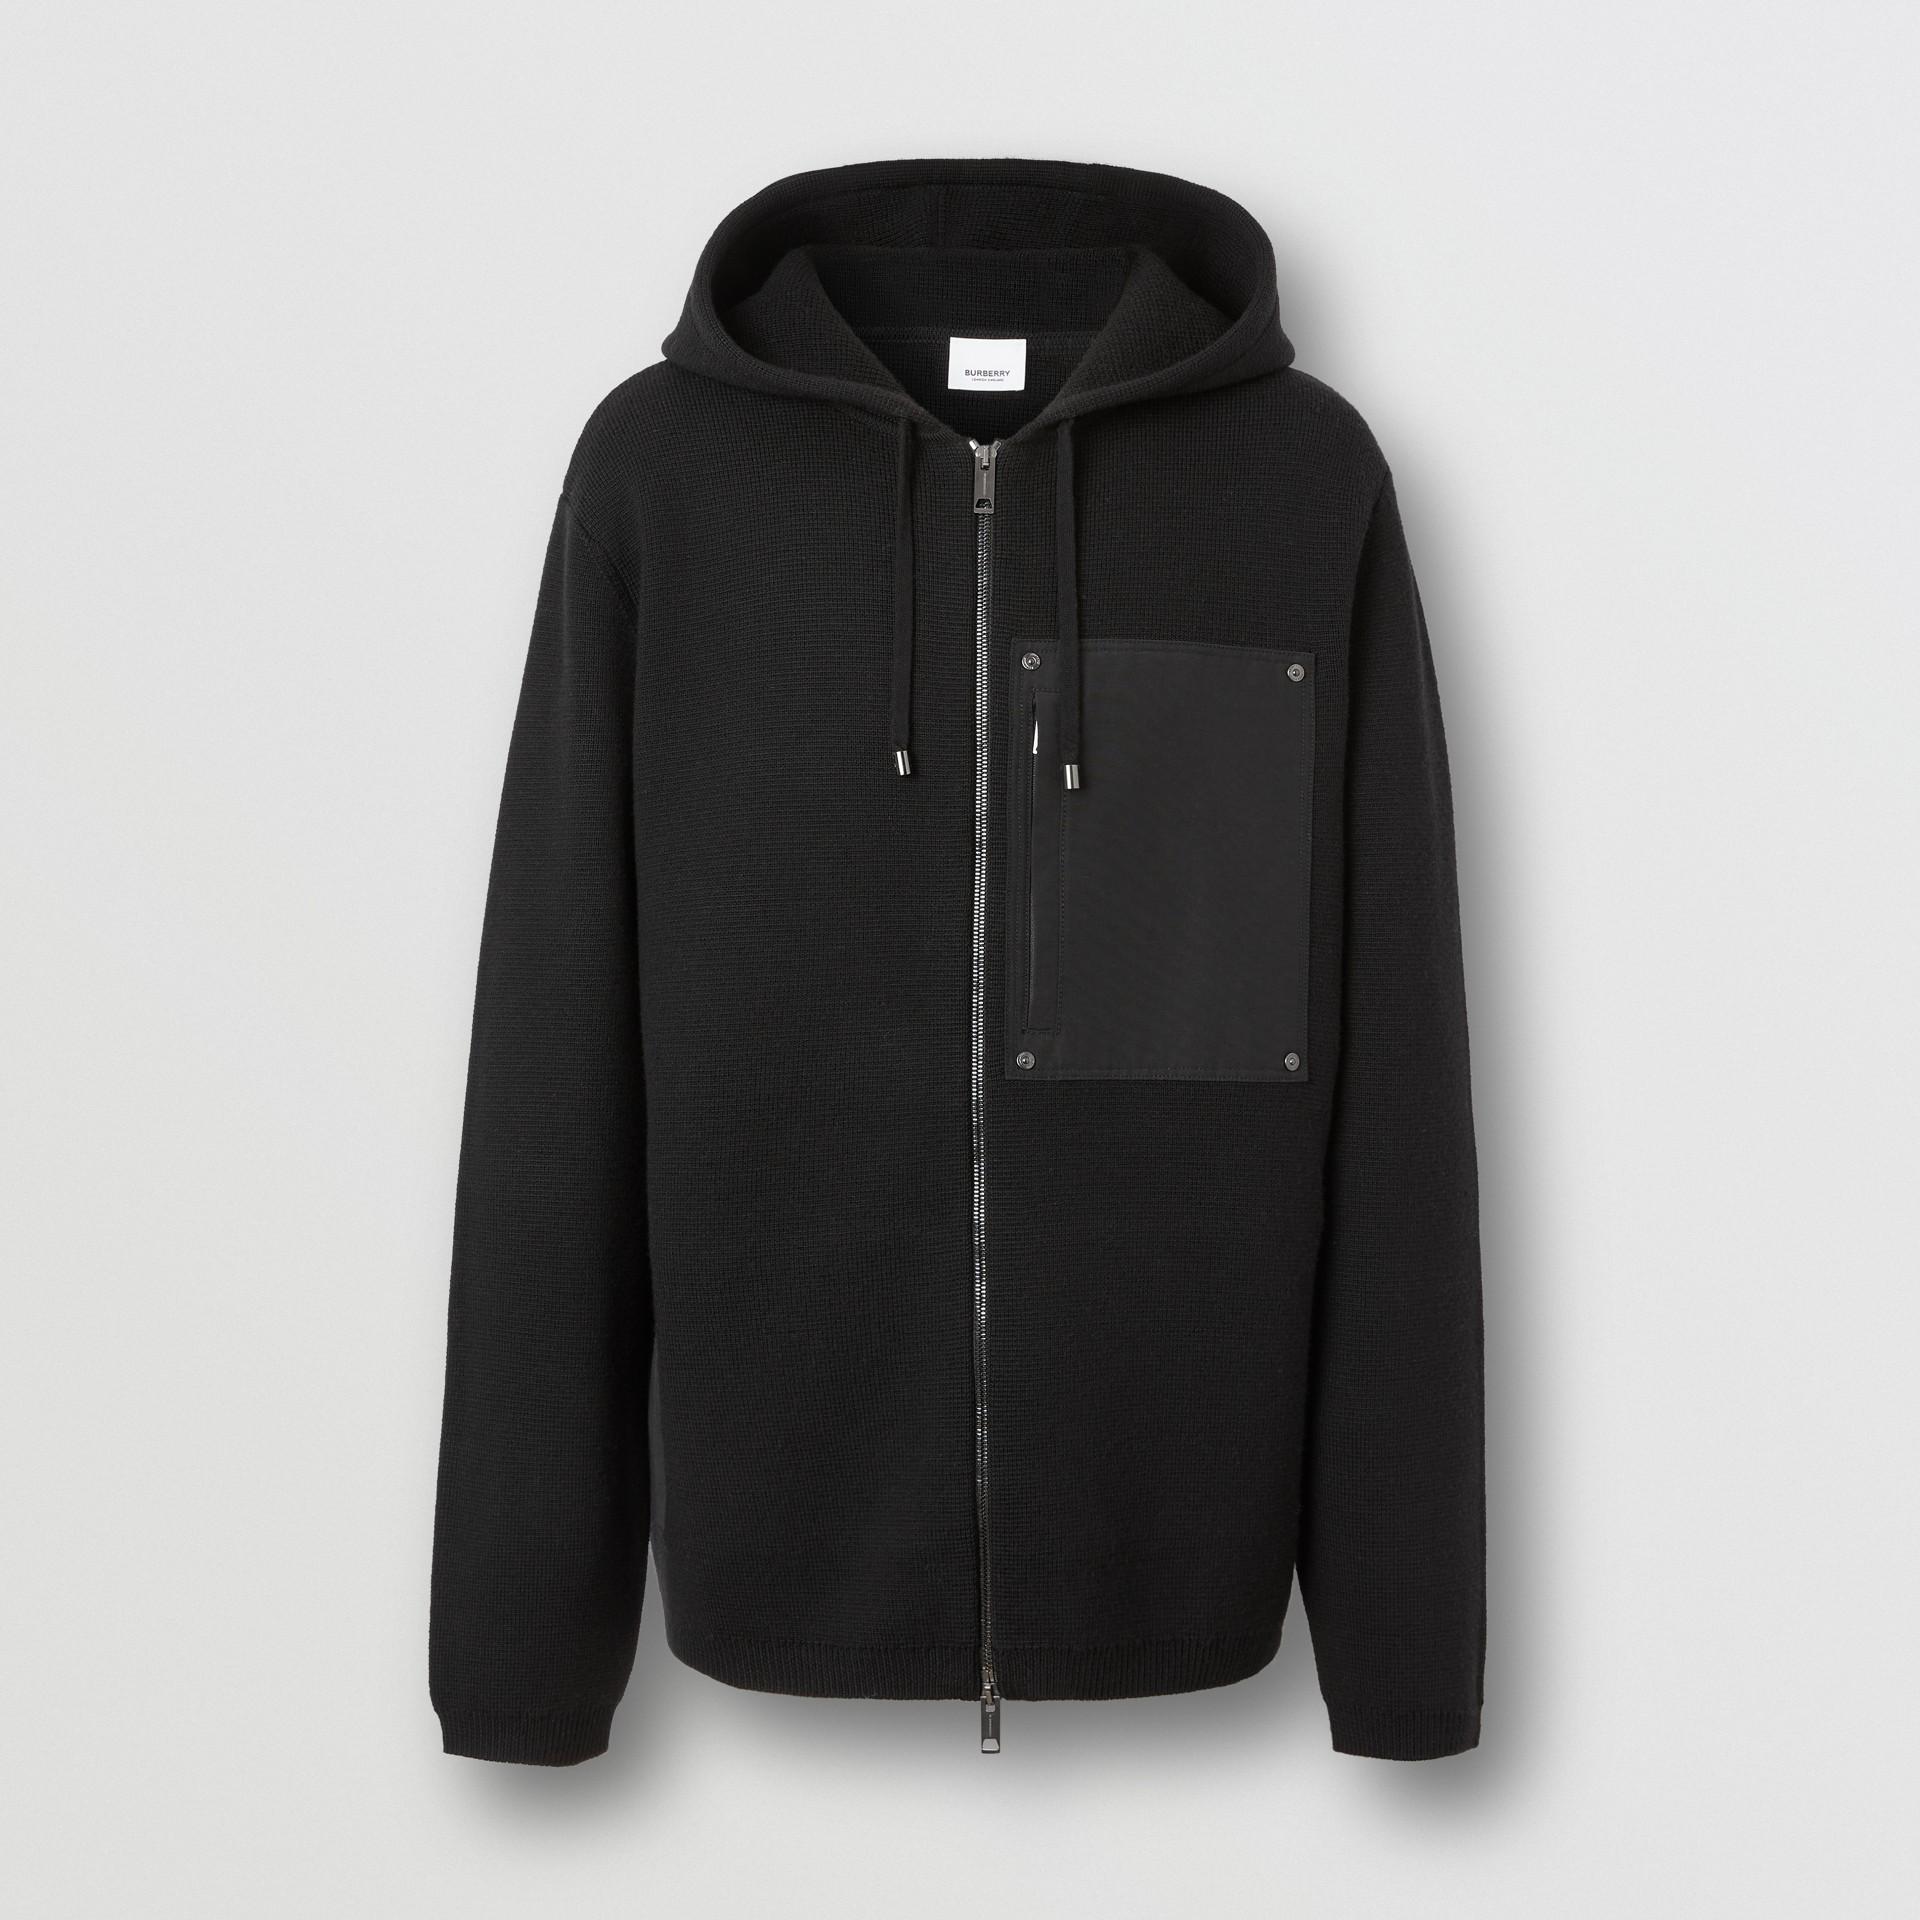 Contrast Pocket Wool Hooded Top in Black - Men | Burberry - gallery image 3